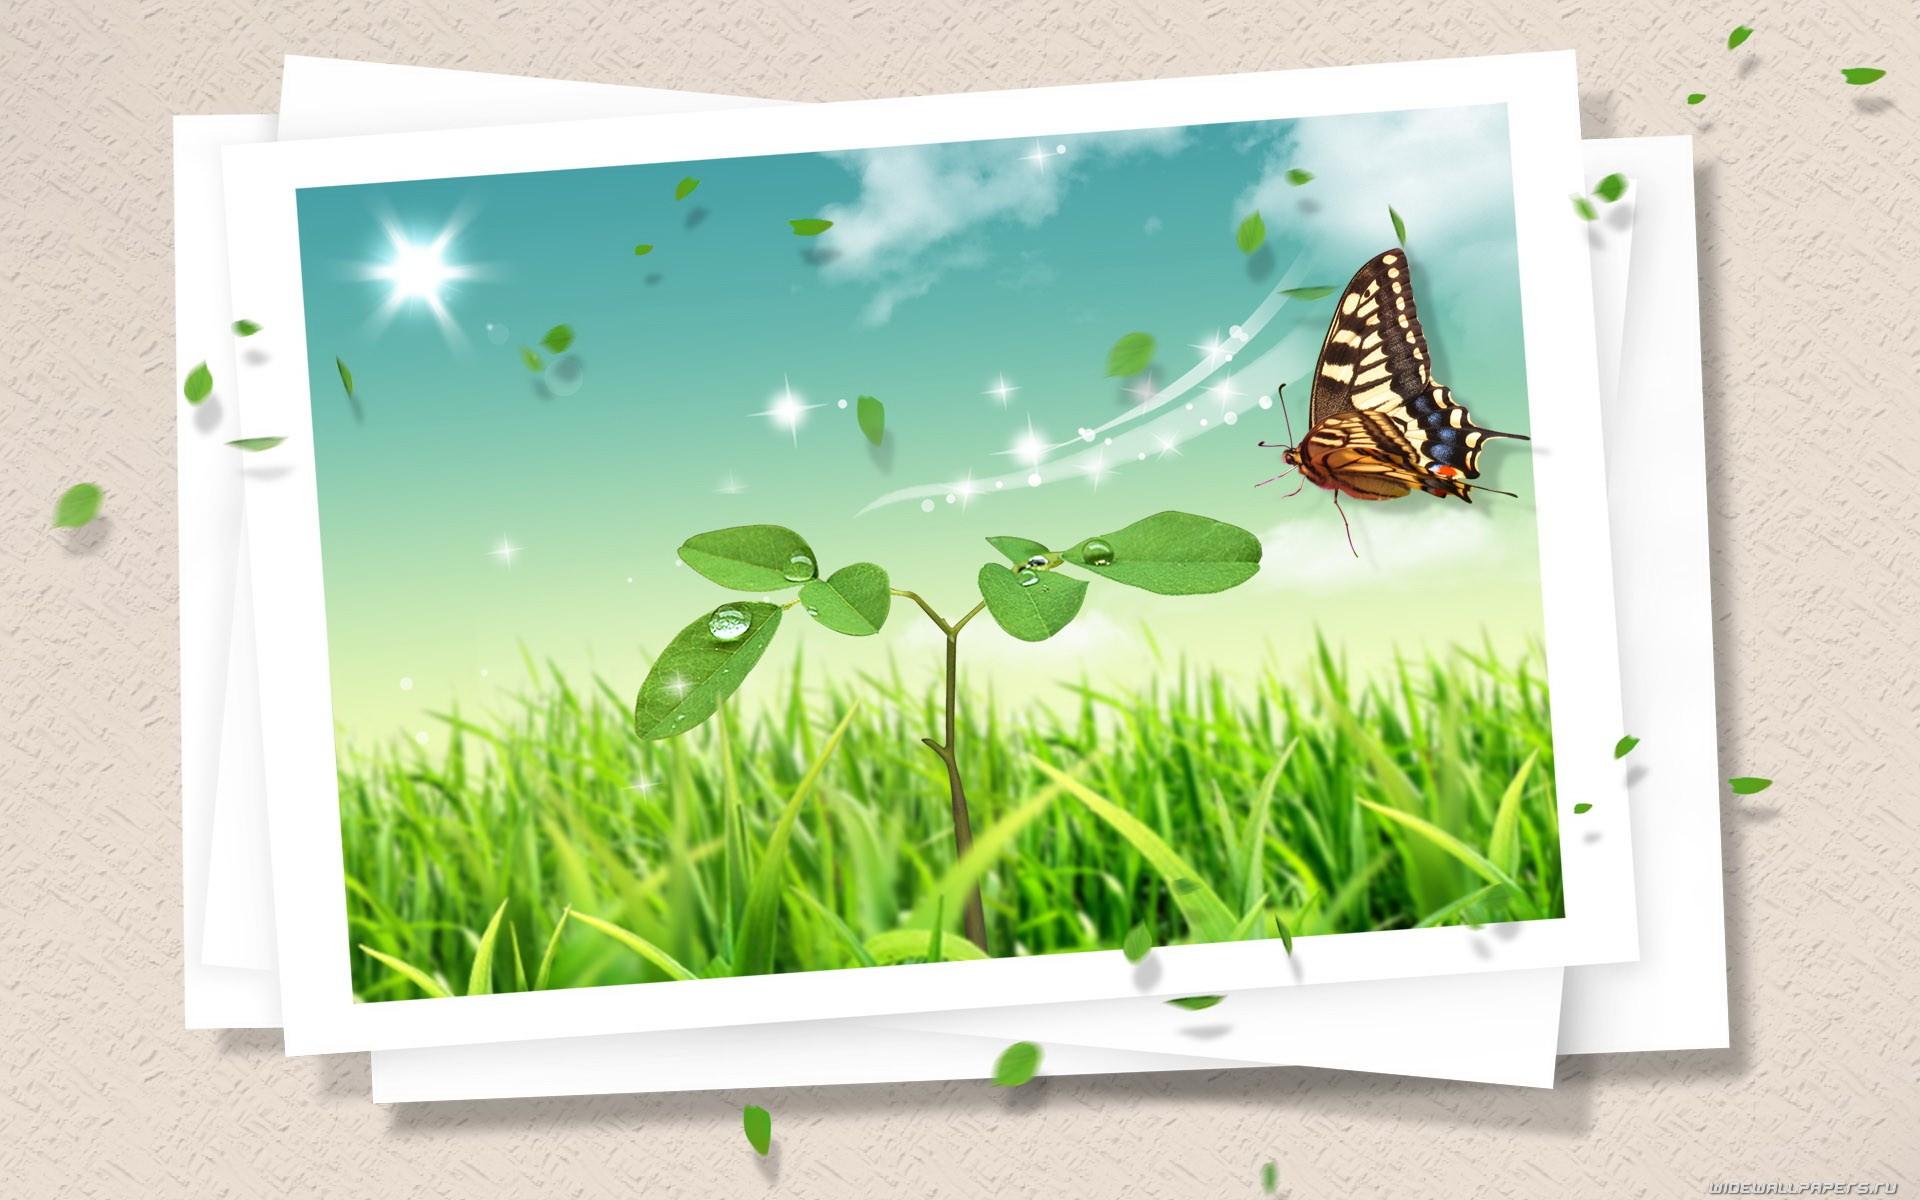 Fondos de pantalla : ilustración, arte digital, césped, mariposa ...